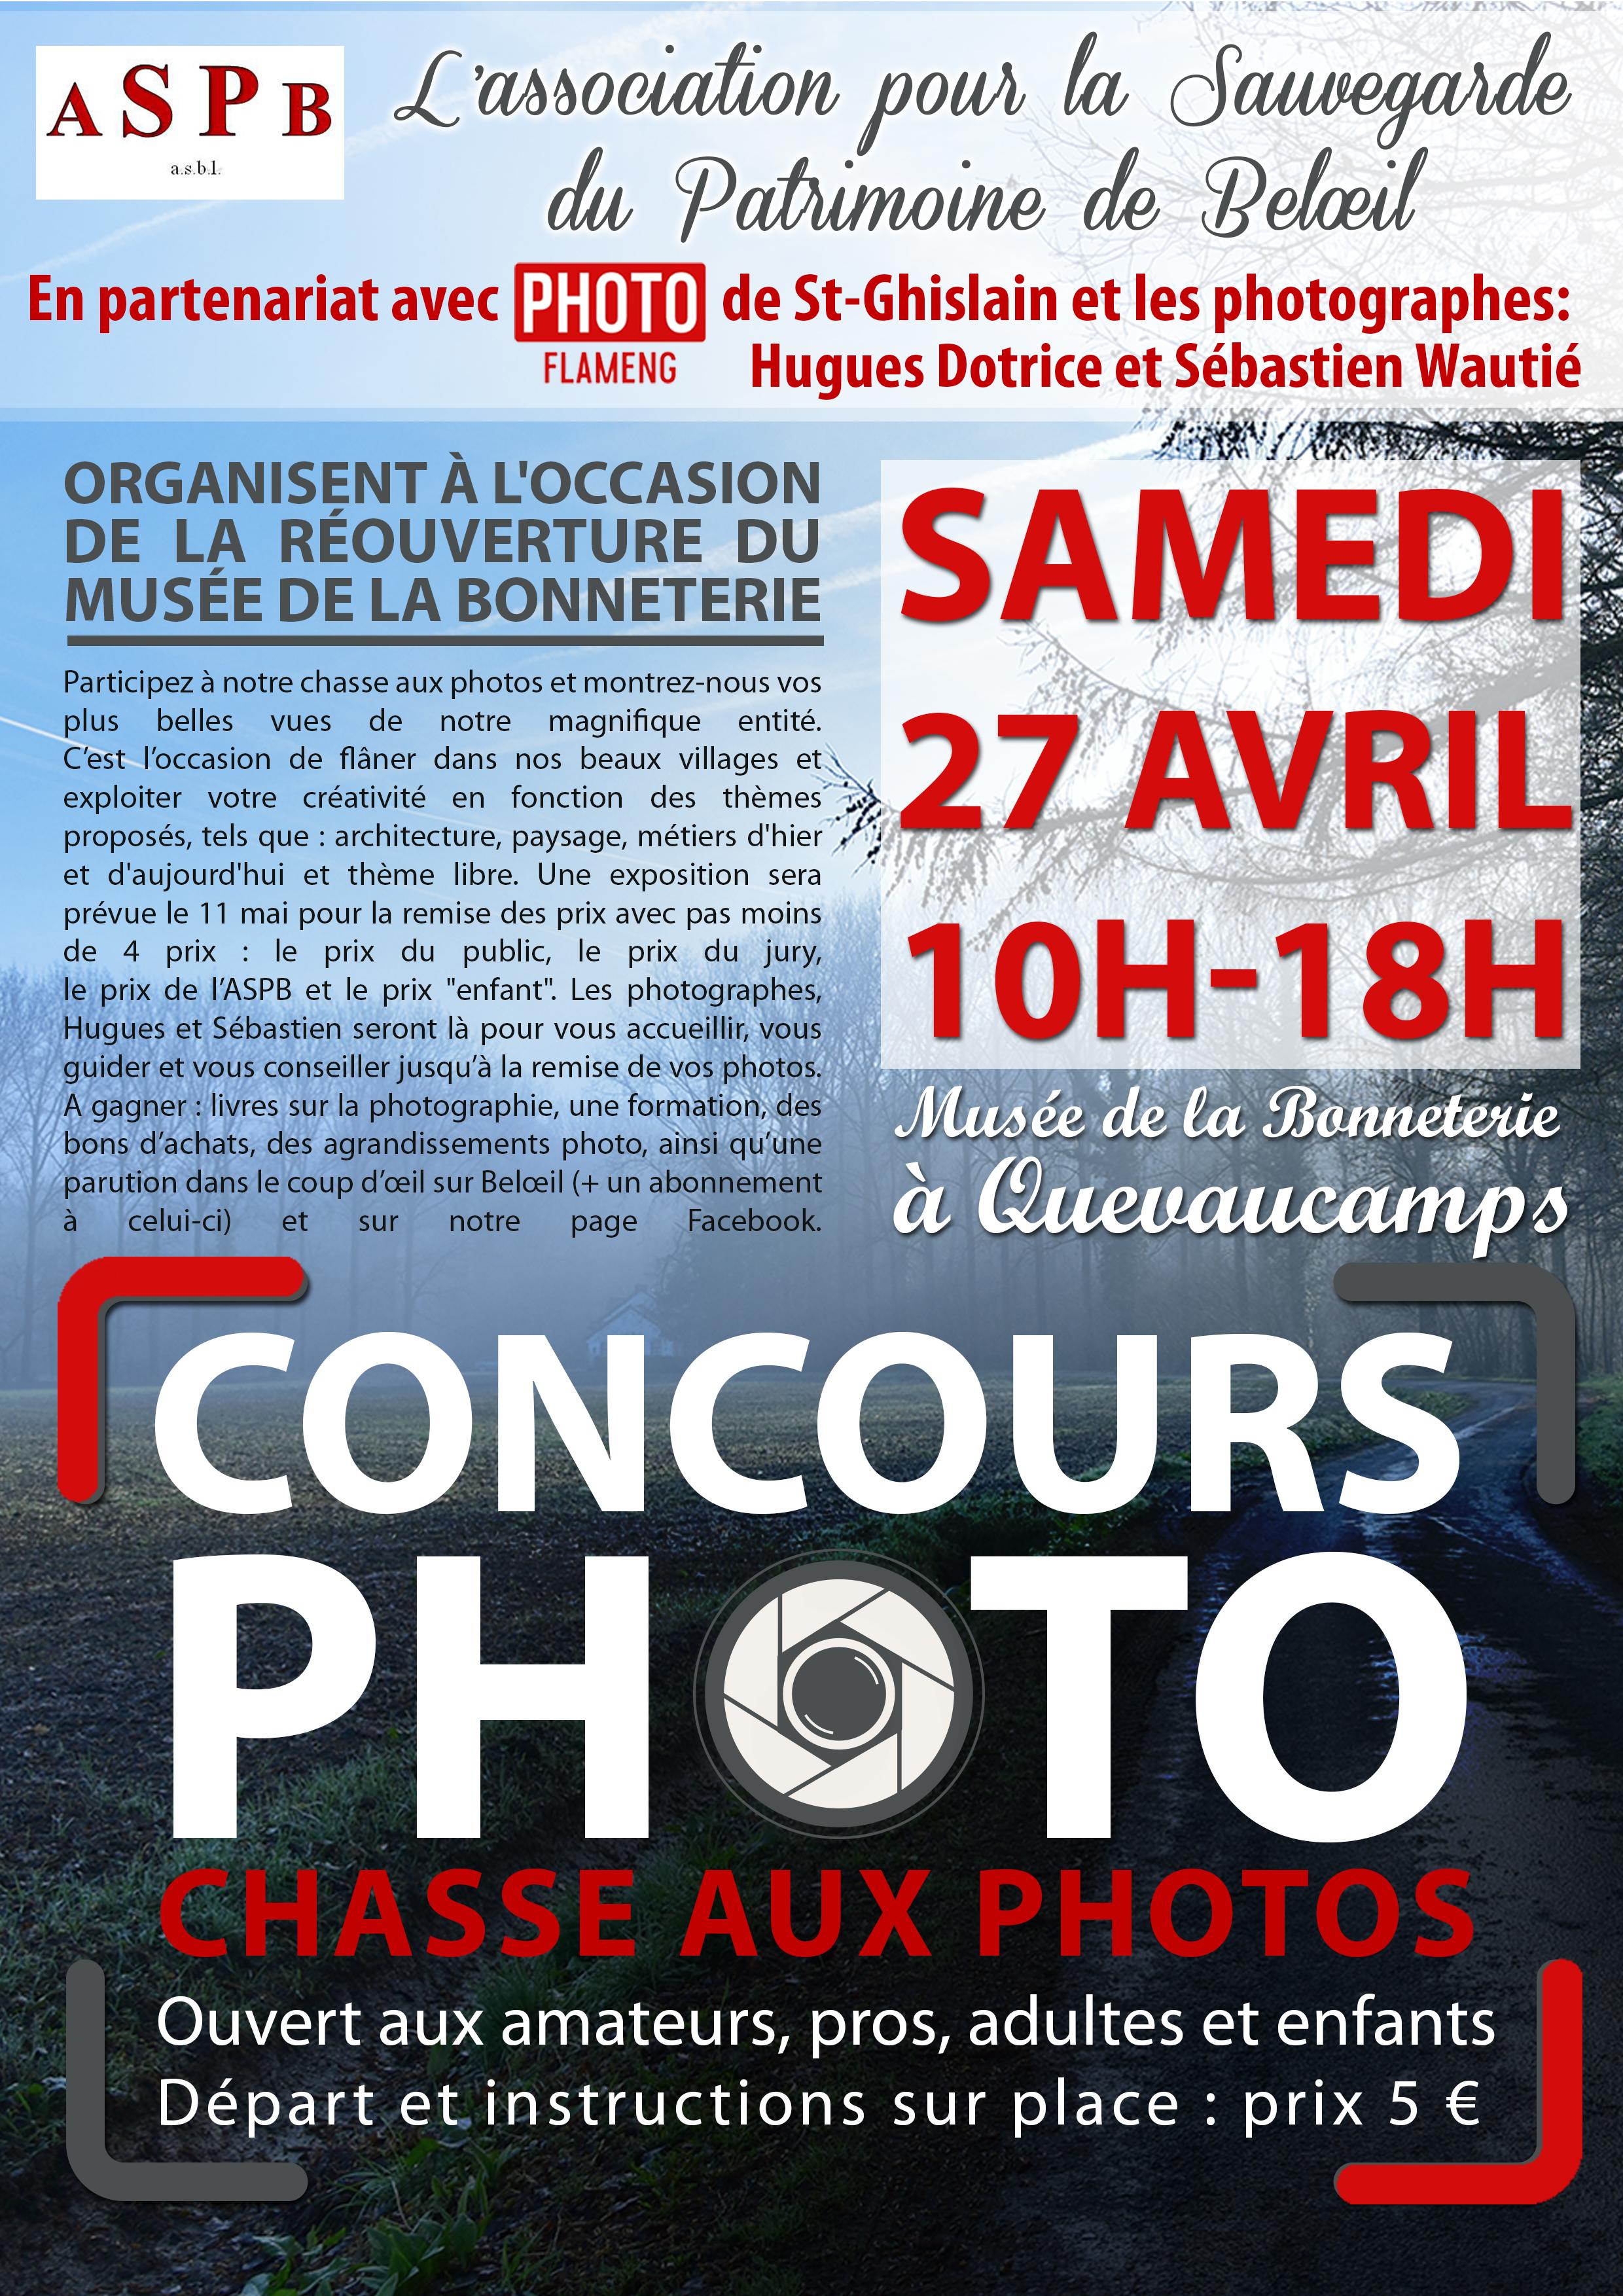 concours photo Beloeil